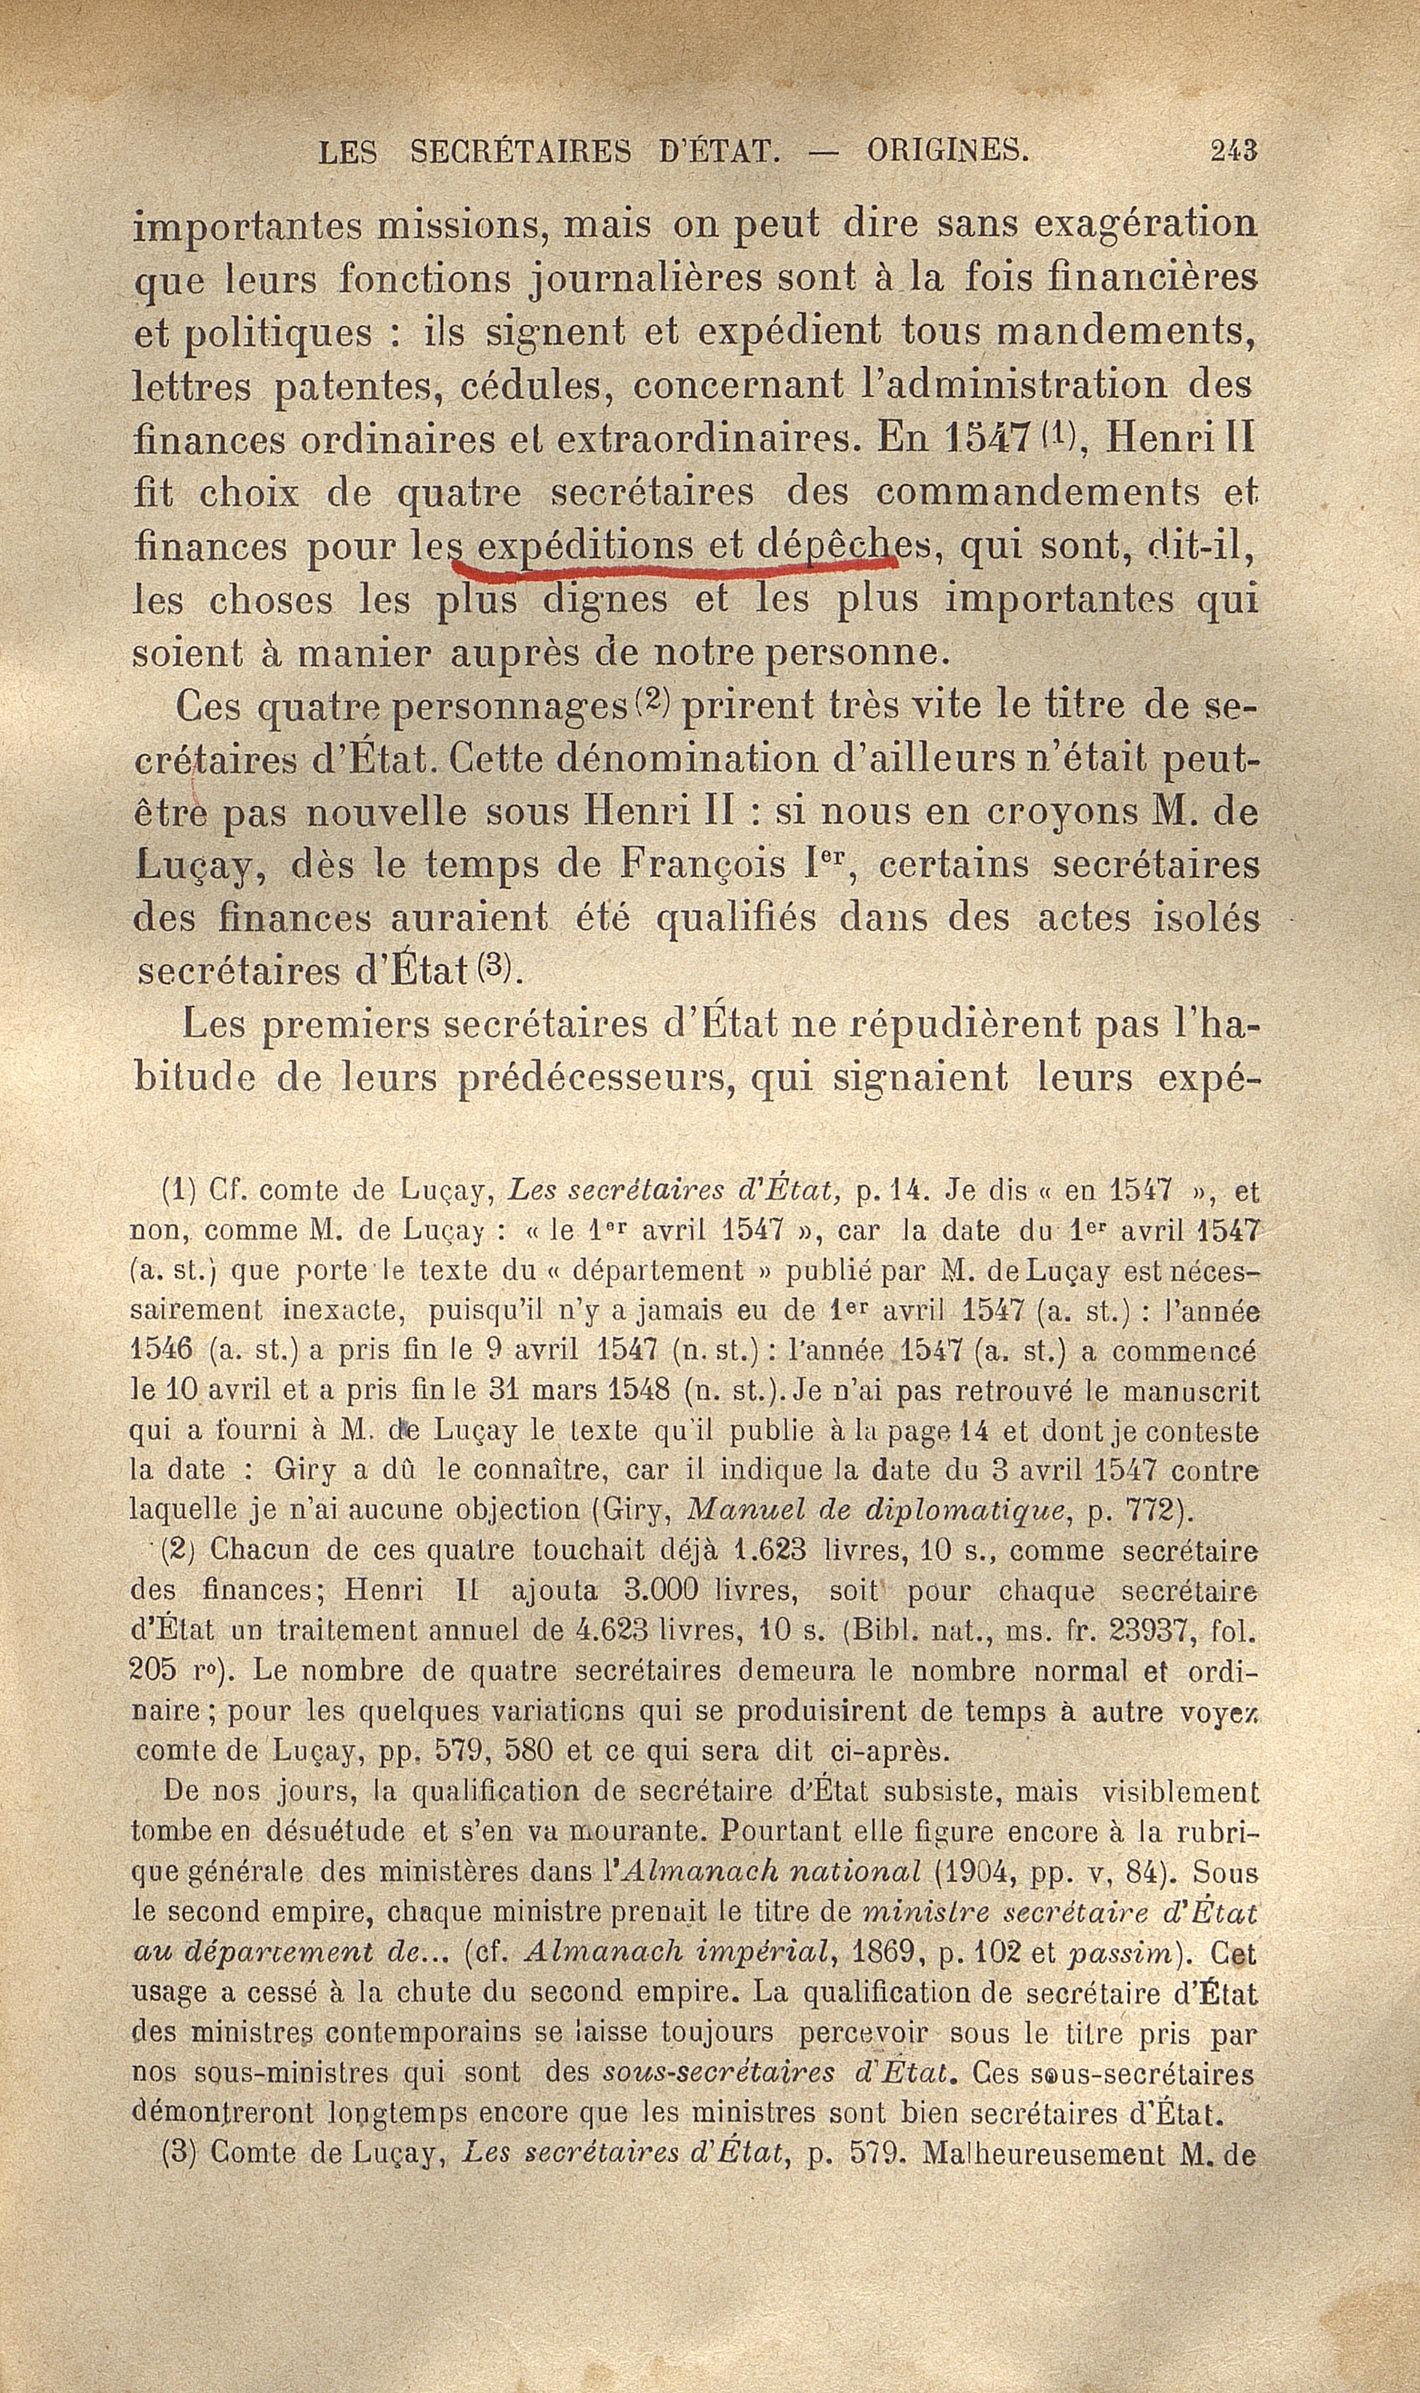 http://expo-paulviollet.univ-paris1.fr/wp-content/uploads/2016/02/0605381272_0257.jpg